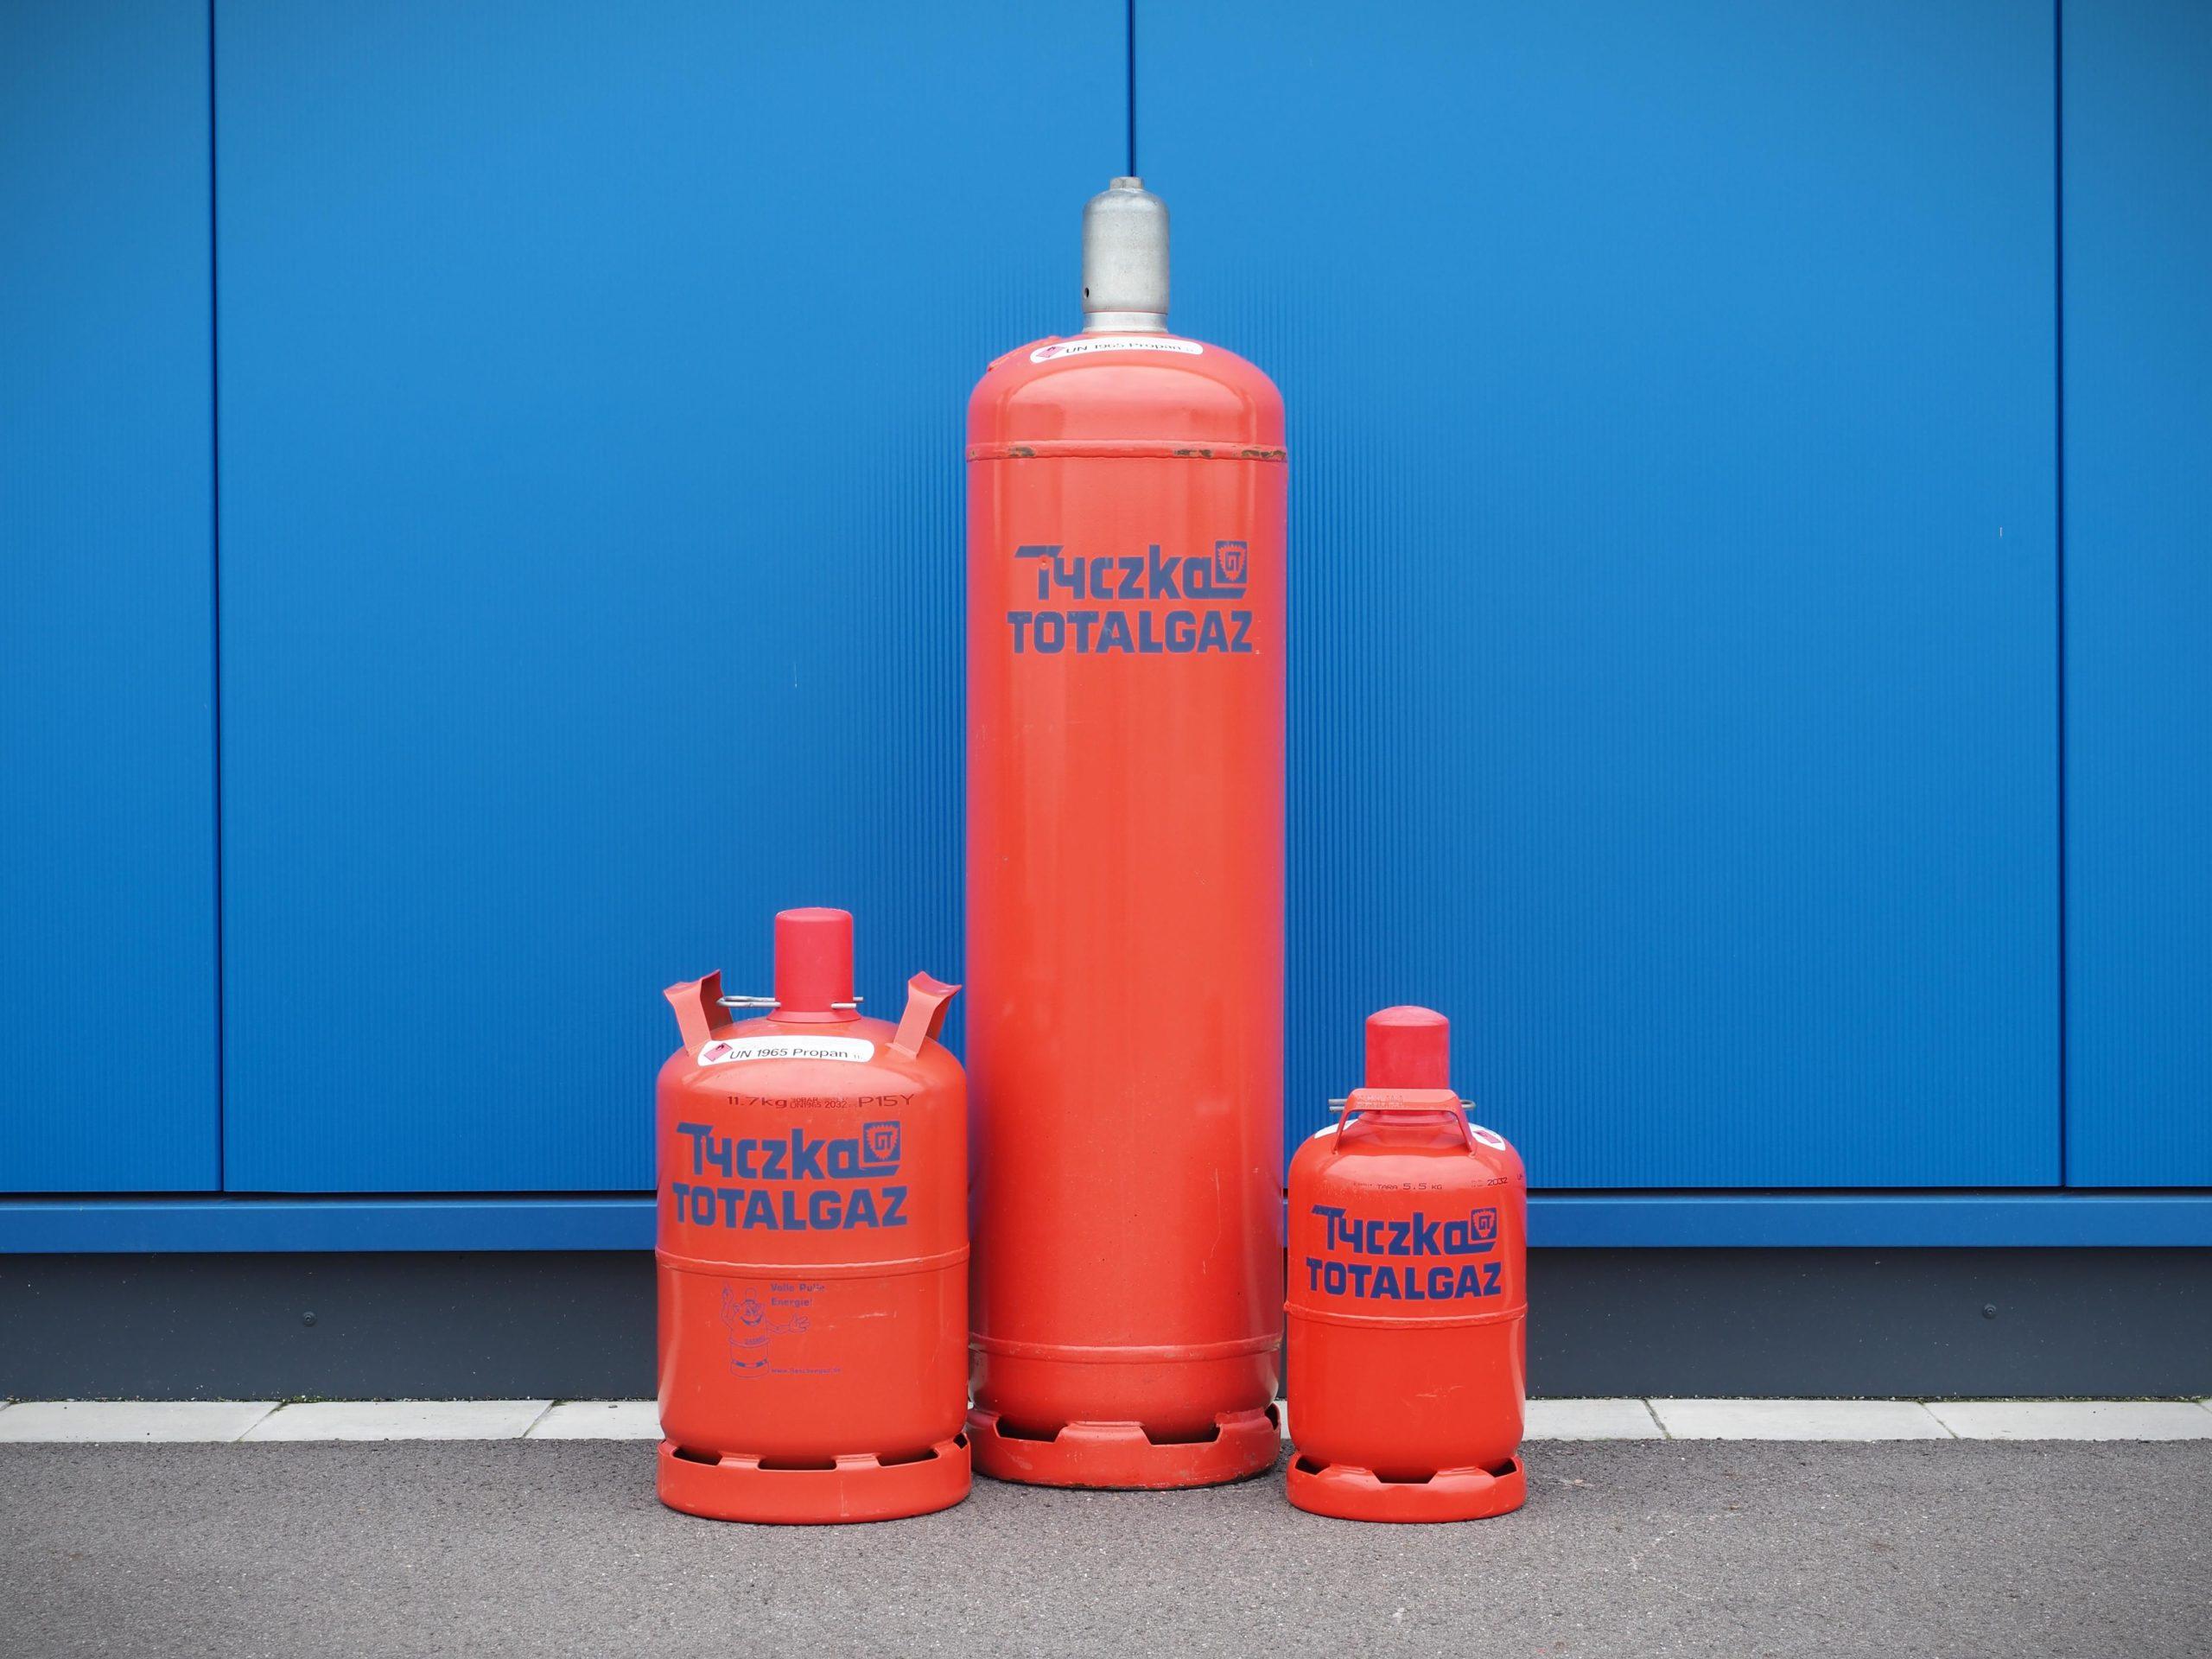 kks-kohlensäure-und-trockeneis-grillgas-pfandflaschen-5kg-übersicht